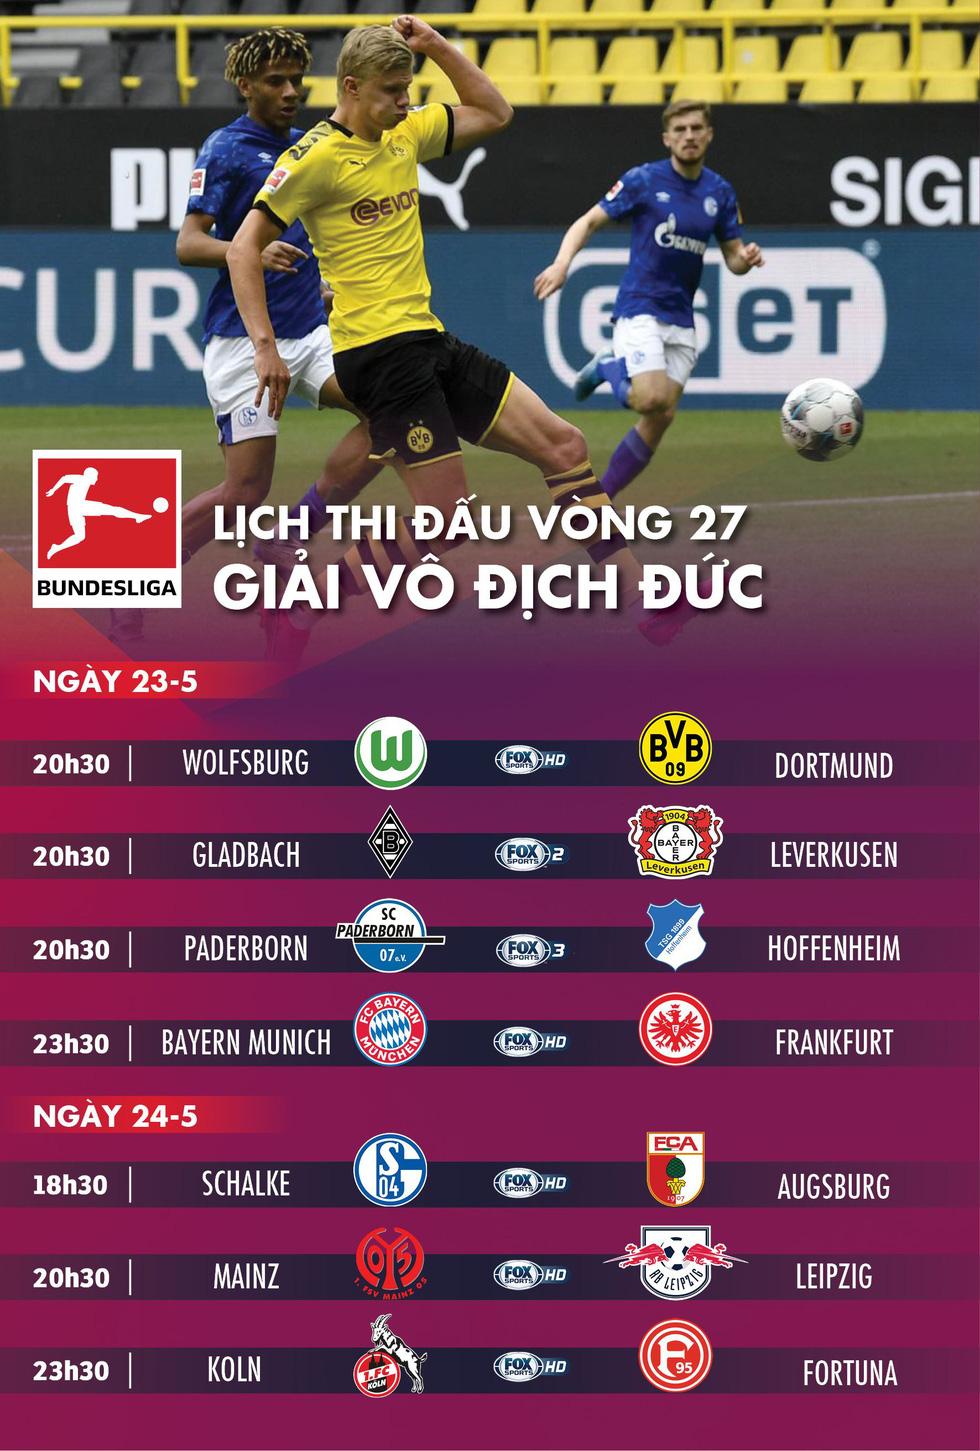 Lịch trực tiếp vòng 27 Bundesliga hôm nay 23-5 - Ảnh 1.